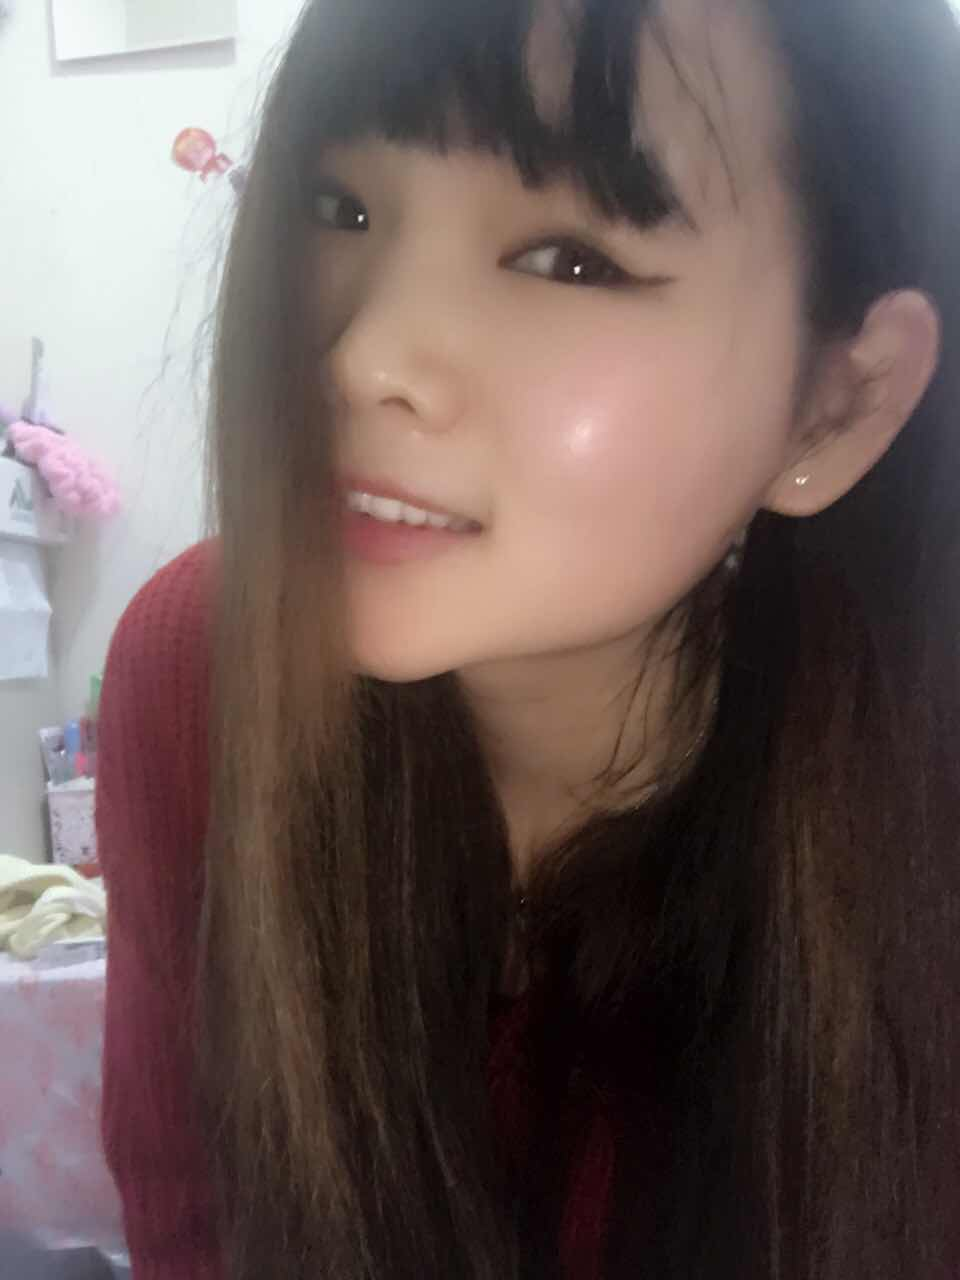 下颌角肥大手术多少钱大概,我想整容啊,在韩国好,还是日本好呢